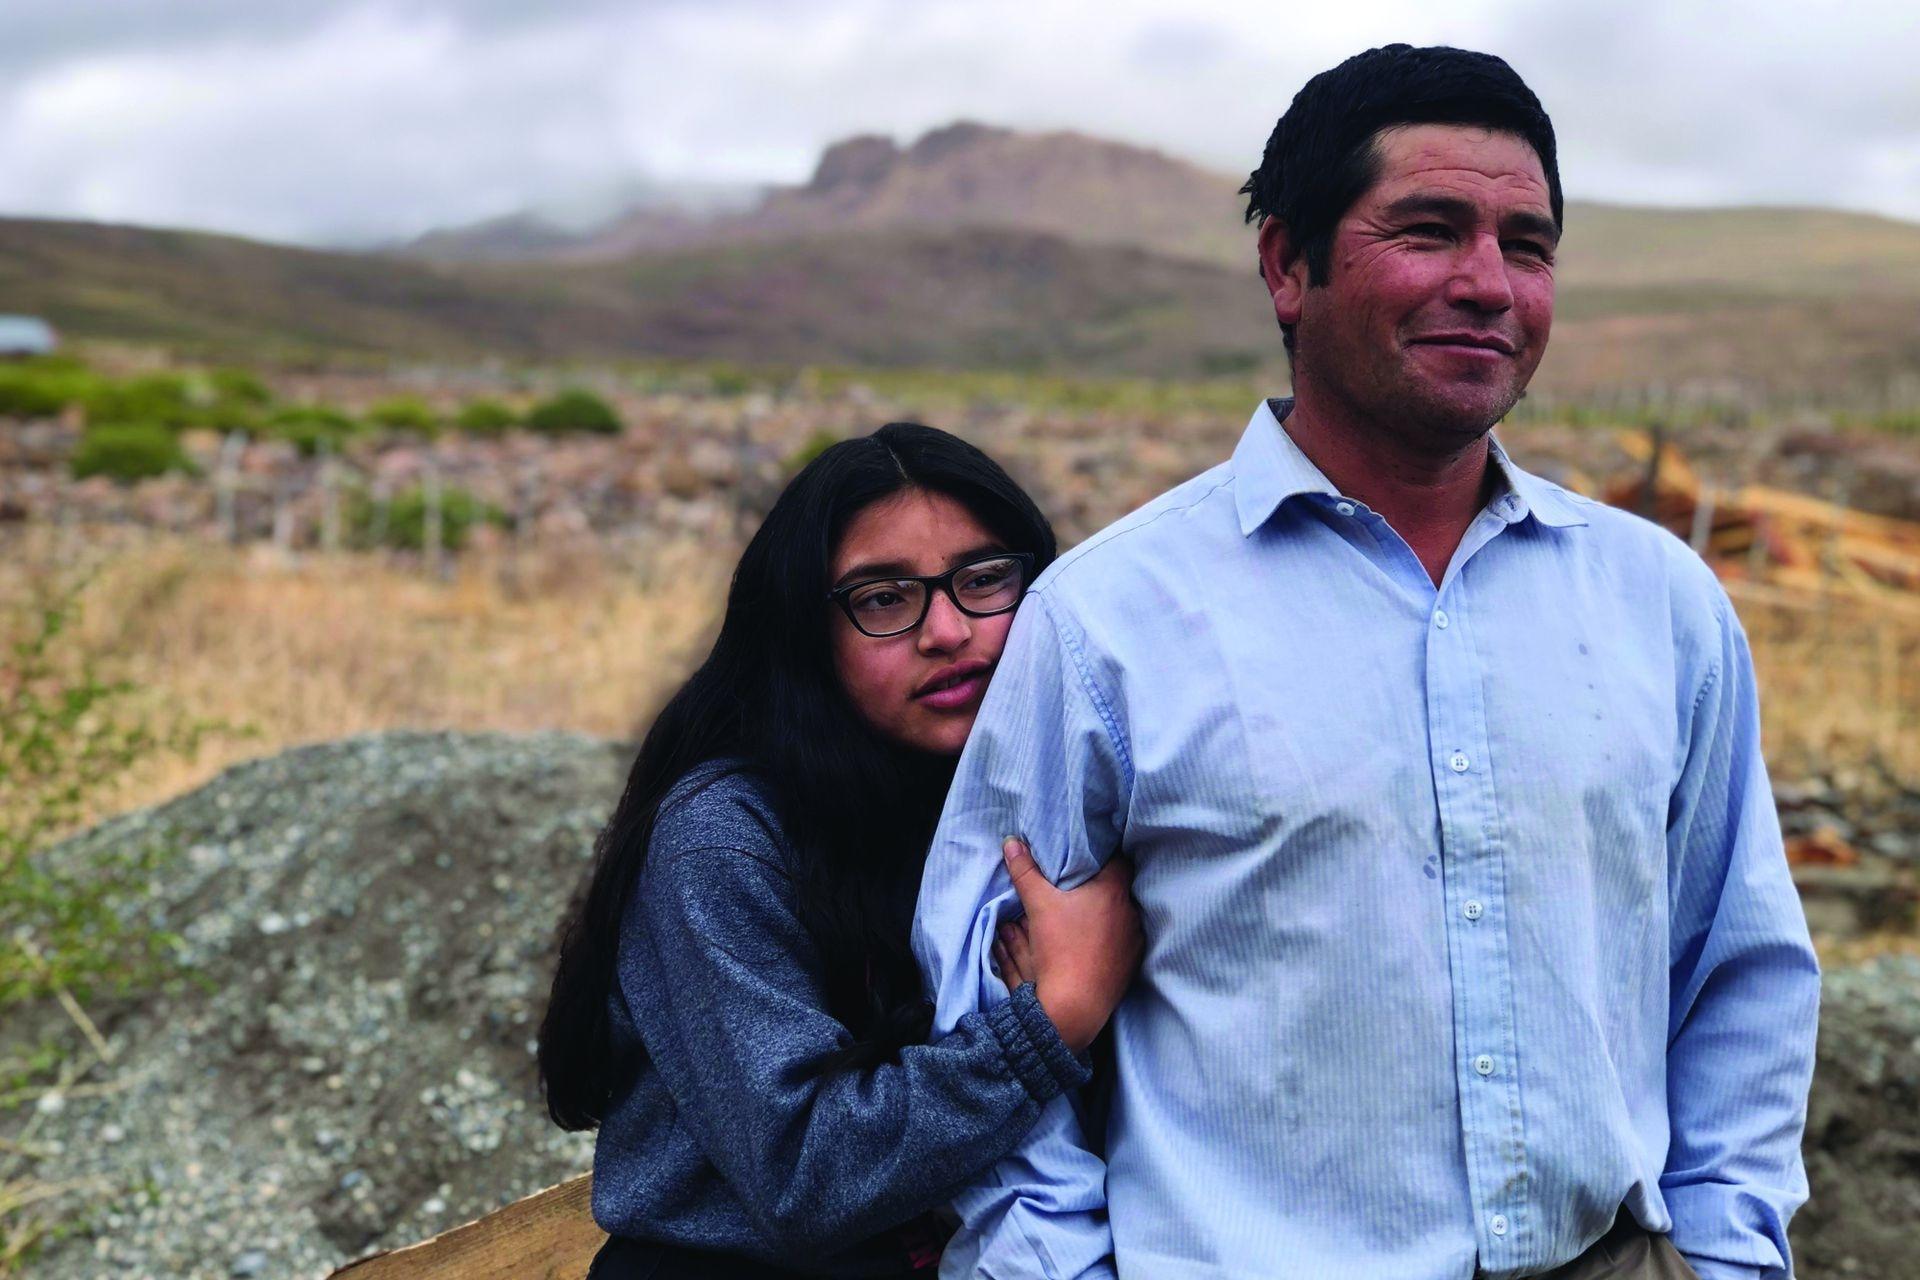 """Su papá se llama Amable Muñoz y se dedica a la cría de chivas. """"La tarea se nos hace dura, sobre todo con el frío, con el viento y con la nieve"""", cuenta"""